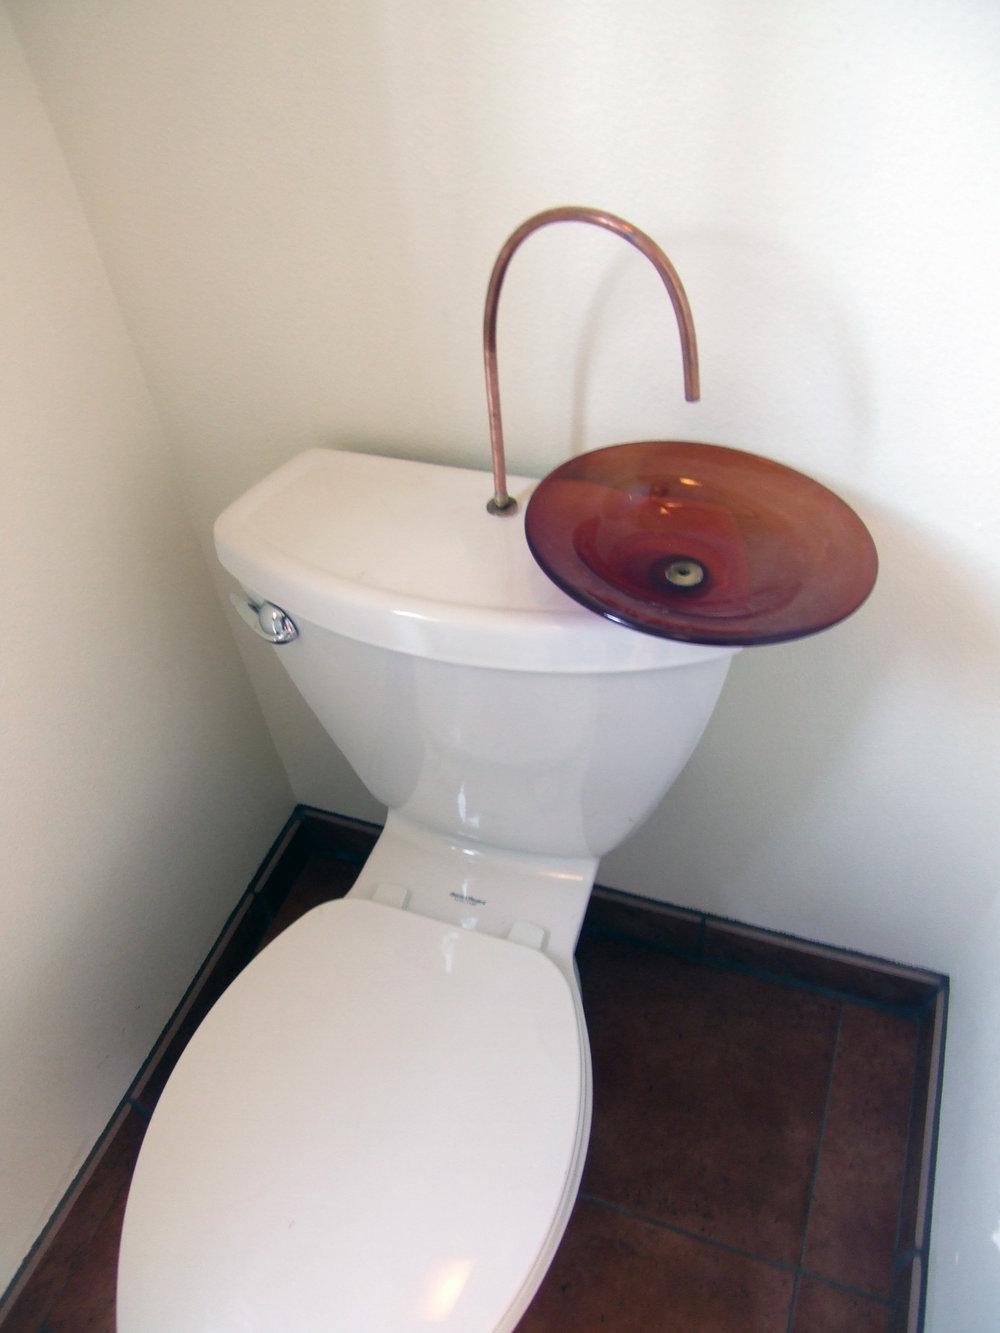 LittlestVillage_Toilet_01-edit.JPG